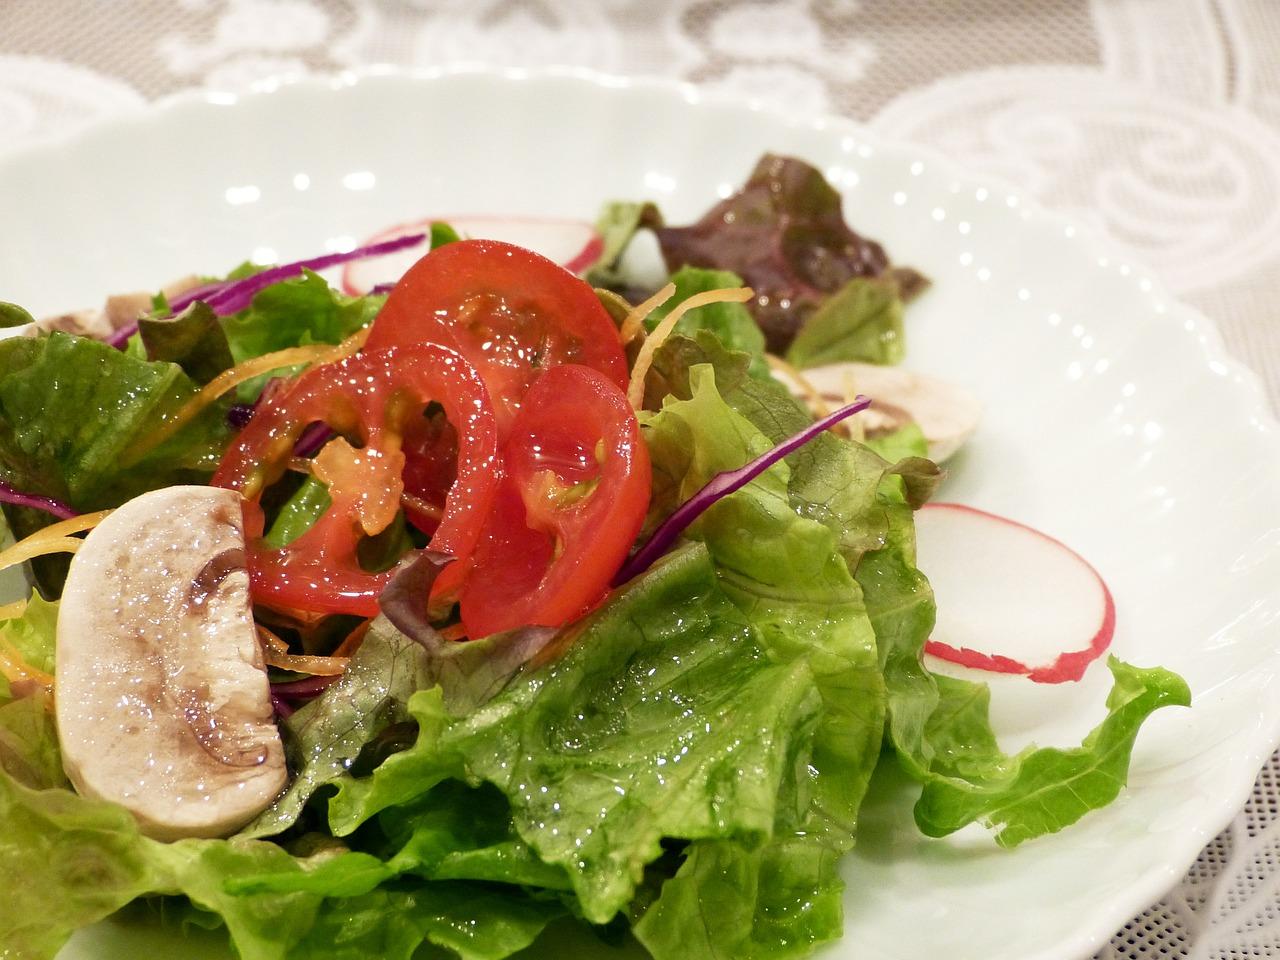 サラダにかけて美味しく食べる